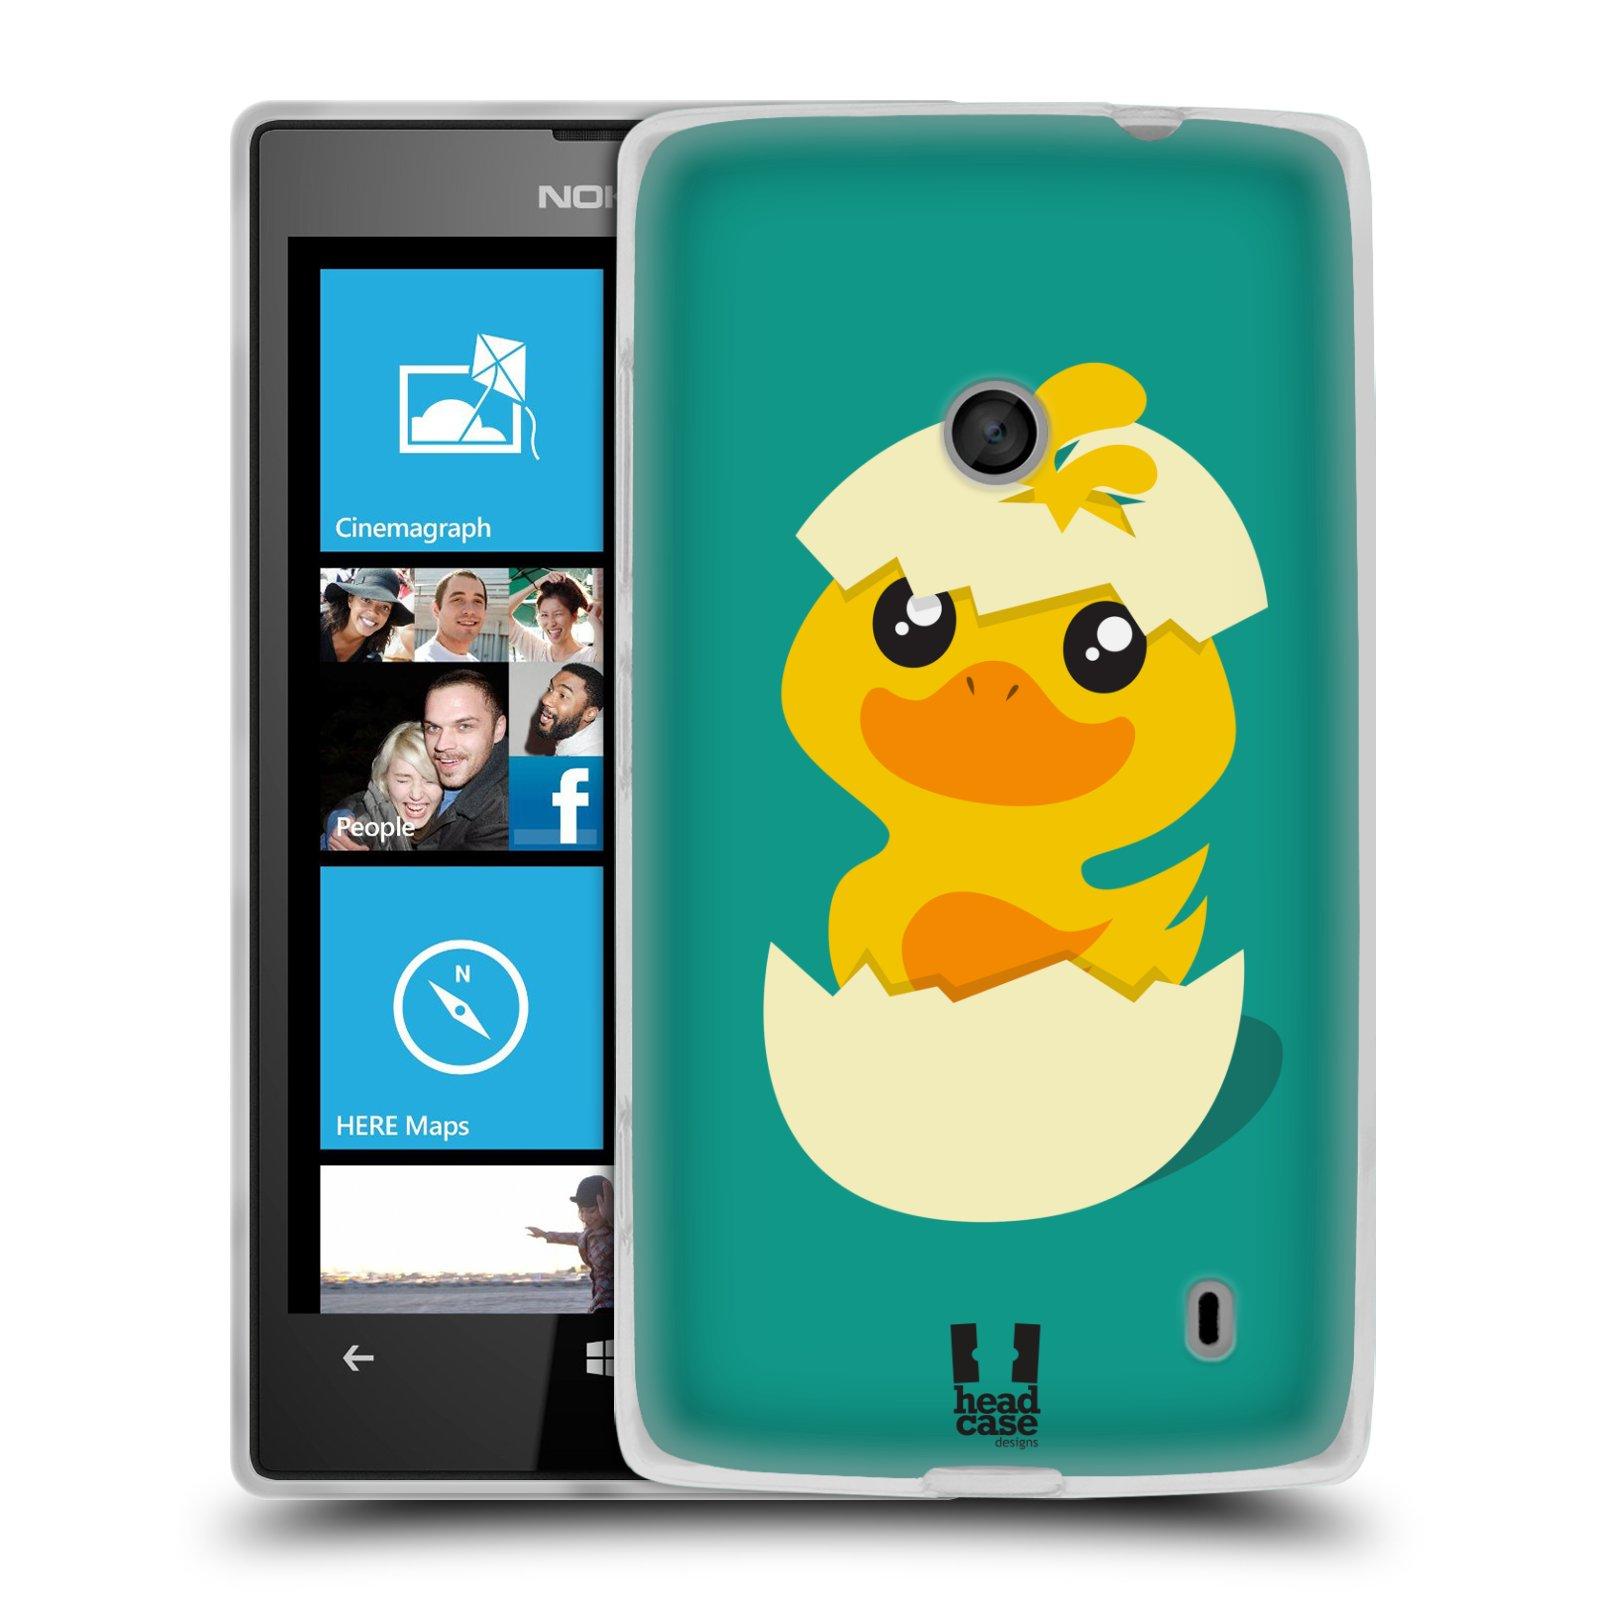 Silikonové pouzdro na mobil Nokia Lumia 520 HEAD CASE KACHNIČKA Z VAJÍČKA (Silikonový Kryt či obal na mobilní telefon Nokia Lumia 520)